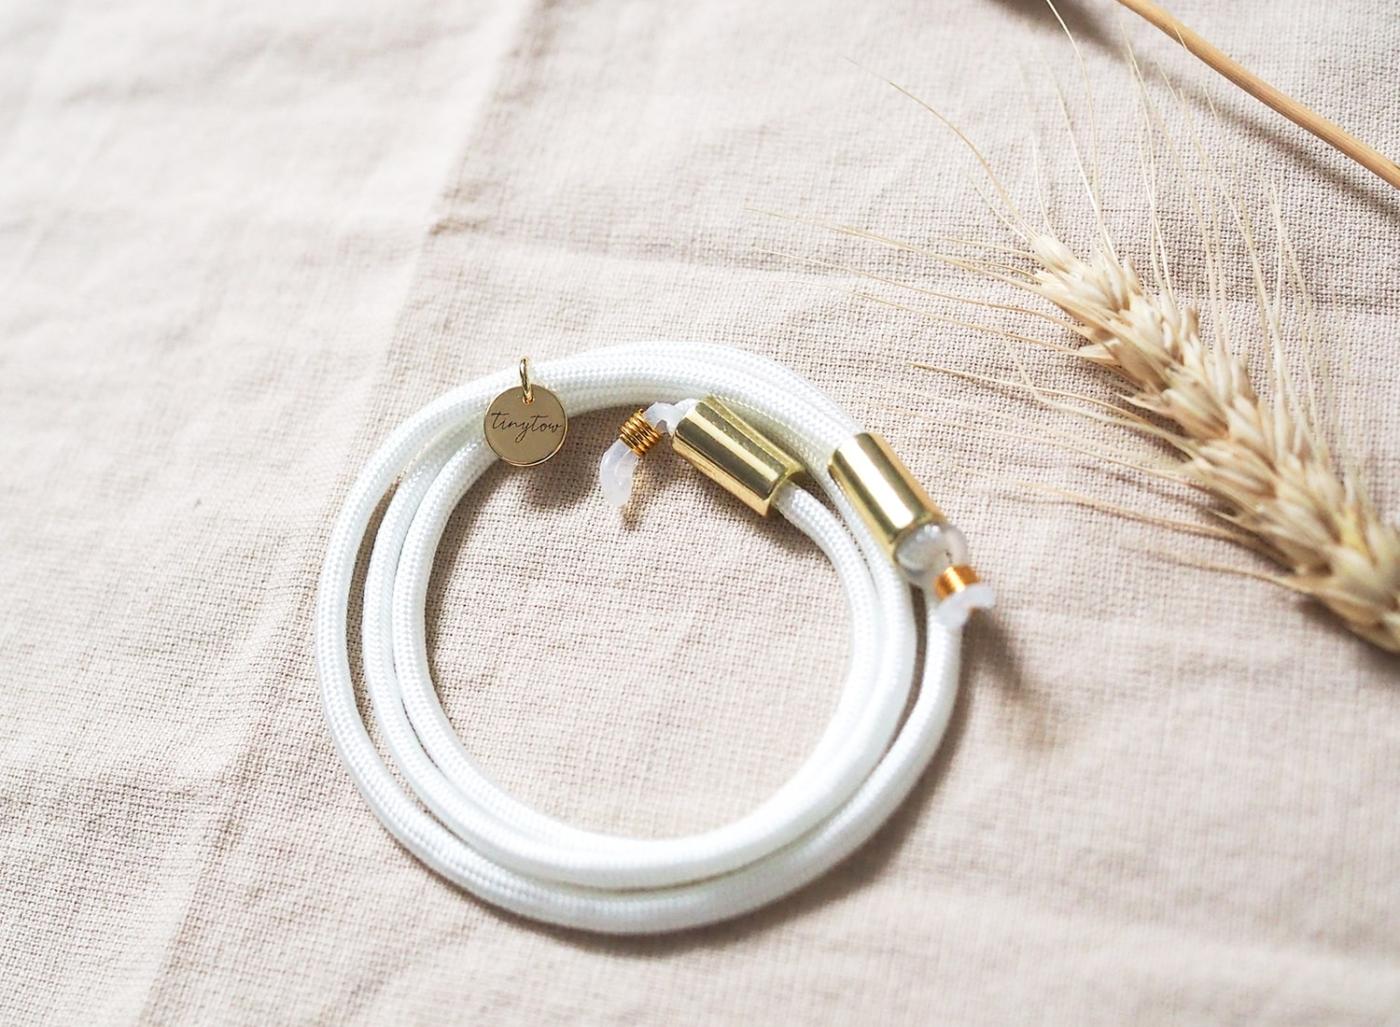 Detailaufnahme Brillenband Betty in weiß mit goldenen Details.